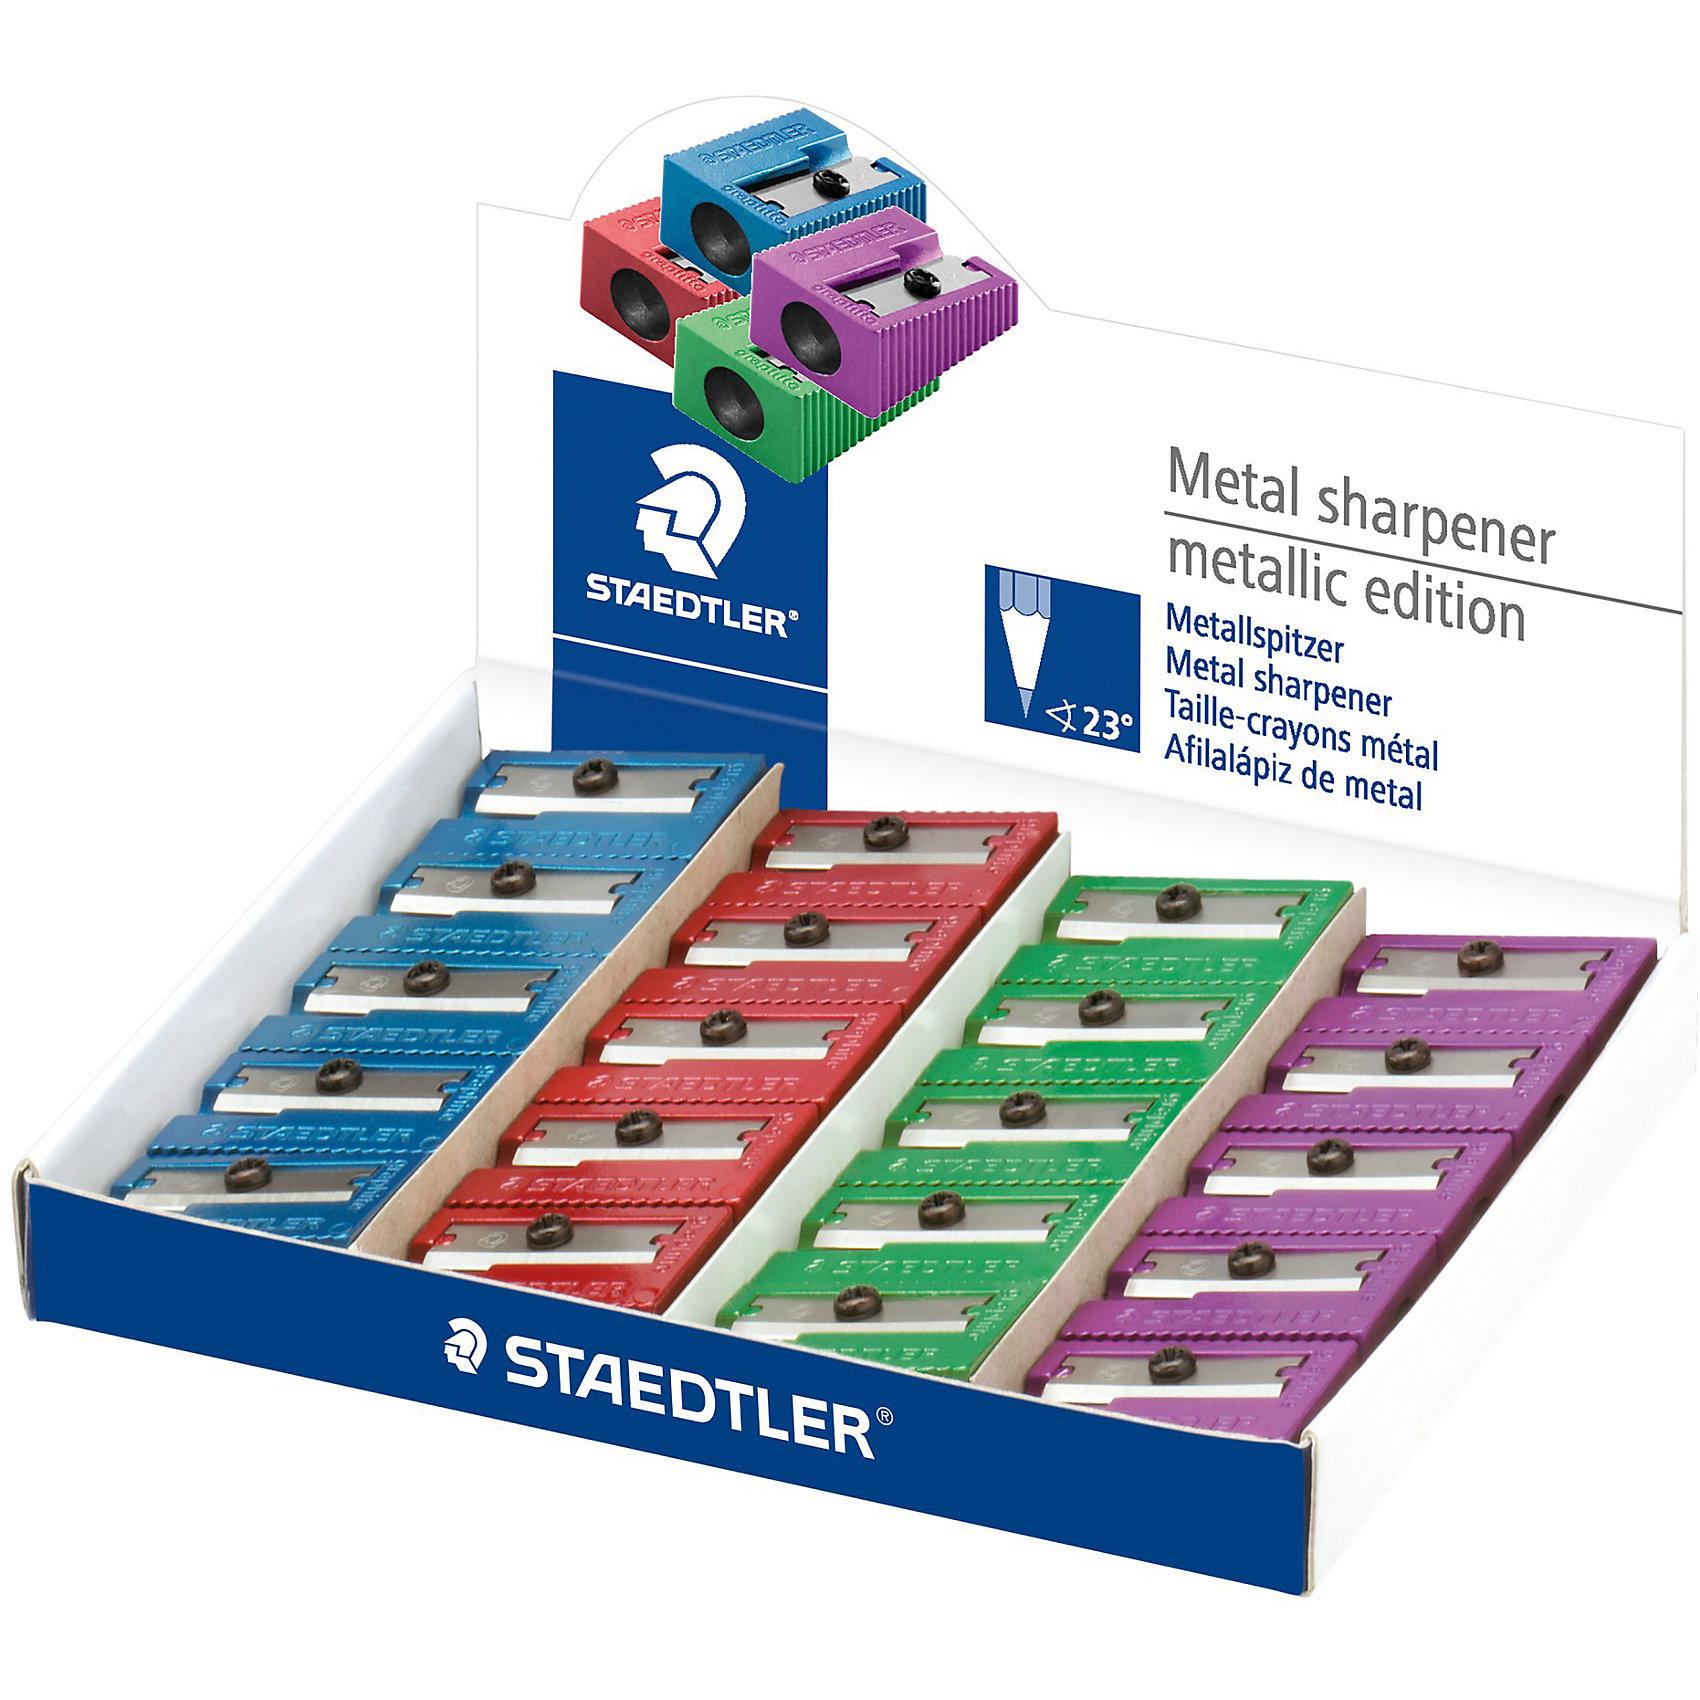 Металлическая точилка c одним отверстием, ассорти, StaedtlerПисьменные принадлежности<br>Металлическая точилка c одним отверстием, ассорти, Staedtler (Штедлер).<br><br>Характеристики:<br><br>• Для детей в возрасте: от 5 лет<br>• В наборе: 1 точилка<br>• Цвет в ассортименте:  зеленый, красный, фиолетовый и синий<br>• Размер упаковки: 28х15х8 мм.<br>• ВНИМАНИЕ! Данный артикул представлен в различном цветовом исполнении. К сожалению, заранее выбрать определенный вариант невозможно. При заказе нескольких точилок возможно получение одинаковых<br><br>Металлическая точилка с одним отверстием подходит для стандартных чернографитовых карандашей диаметром до 8,2 мм с углом заточки 23° для получения четких и аккуратных линий.<br><br>Металлическую точилку c одним отверстием, ассорти, Staedtler (Штедлер) можно купить в нашем интернет-магазине.<br><br>Ширина мм: 29<br>Глубина мм: 18<br>Высота мм: 120<br>Вес г: 13<br>Возраст от месяцев: 60<br>Возраст до месяцев: 2147483647<br>Пол: Унисекс<br>Возраст: Детский<br>SKU: 5529992